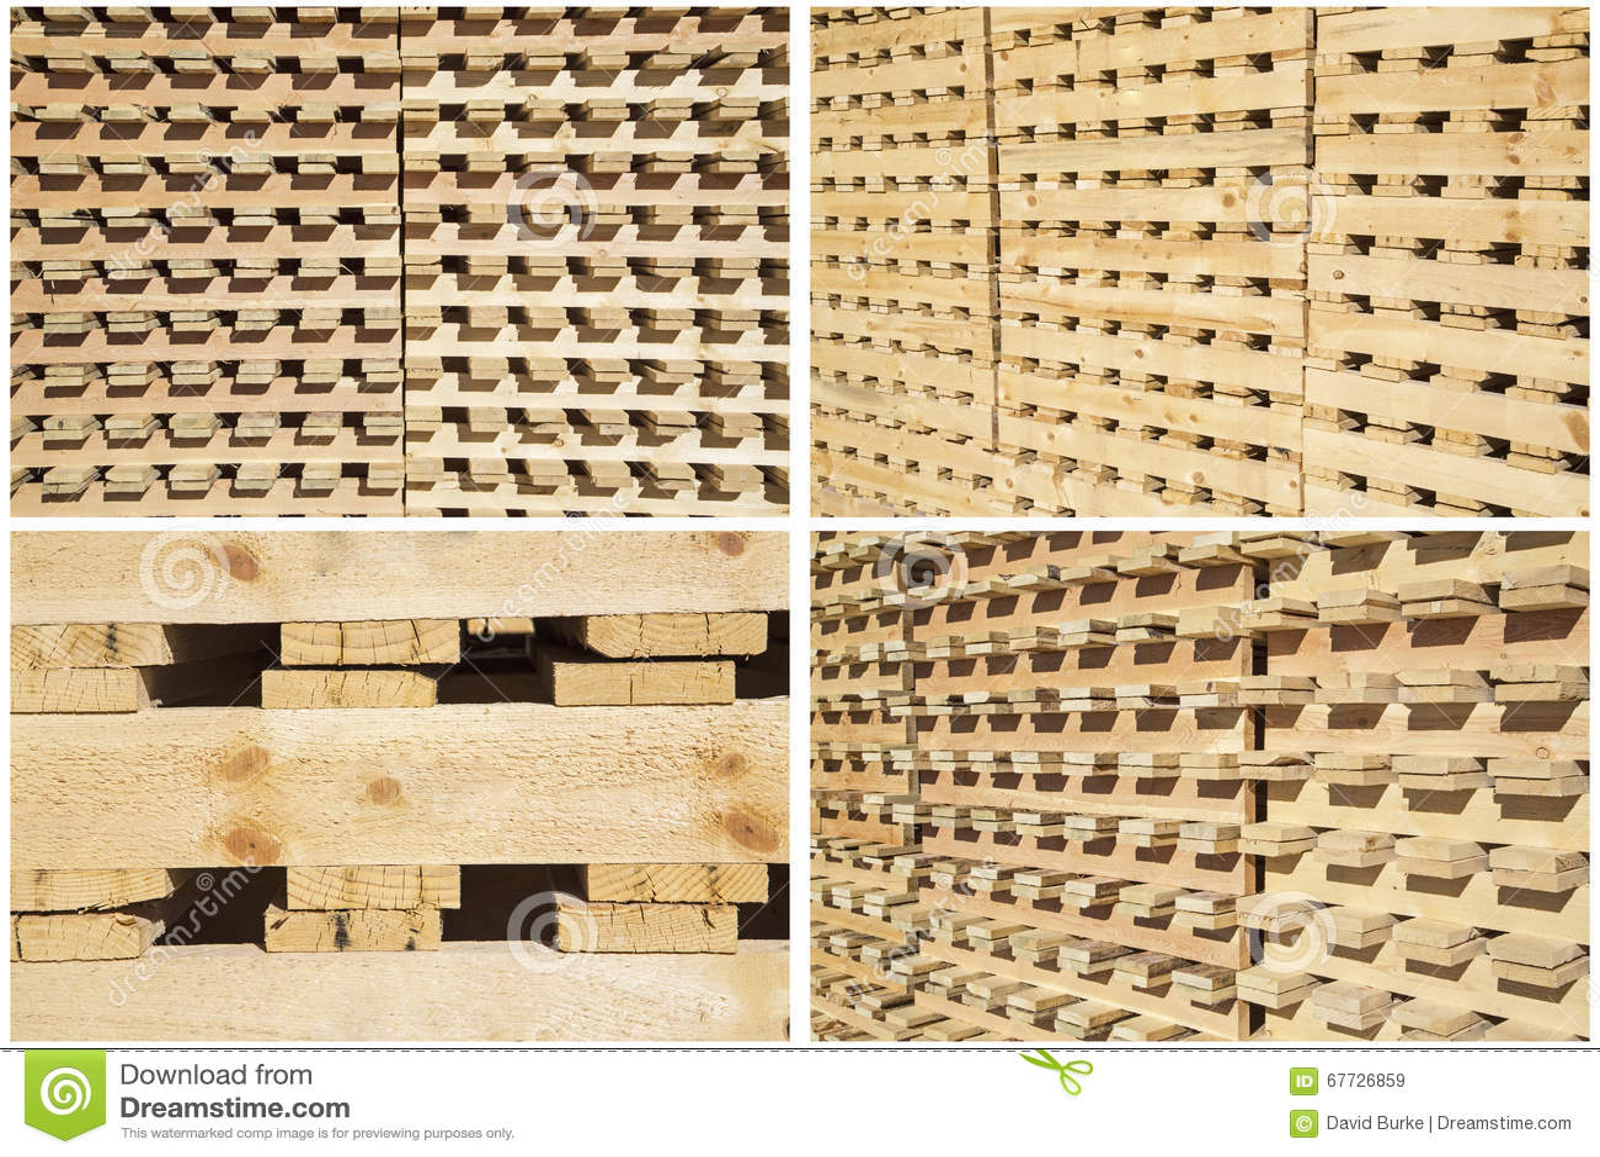 678c6ea00306d Doręczeniowe drewniane barłogu kolażu wizerunku sterty i wysyłka jesteśmy  tło kolekci setu grupą budowa uślizgi dla transportu przemysłu